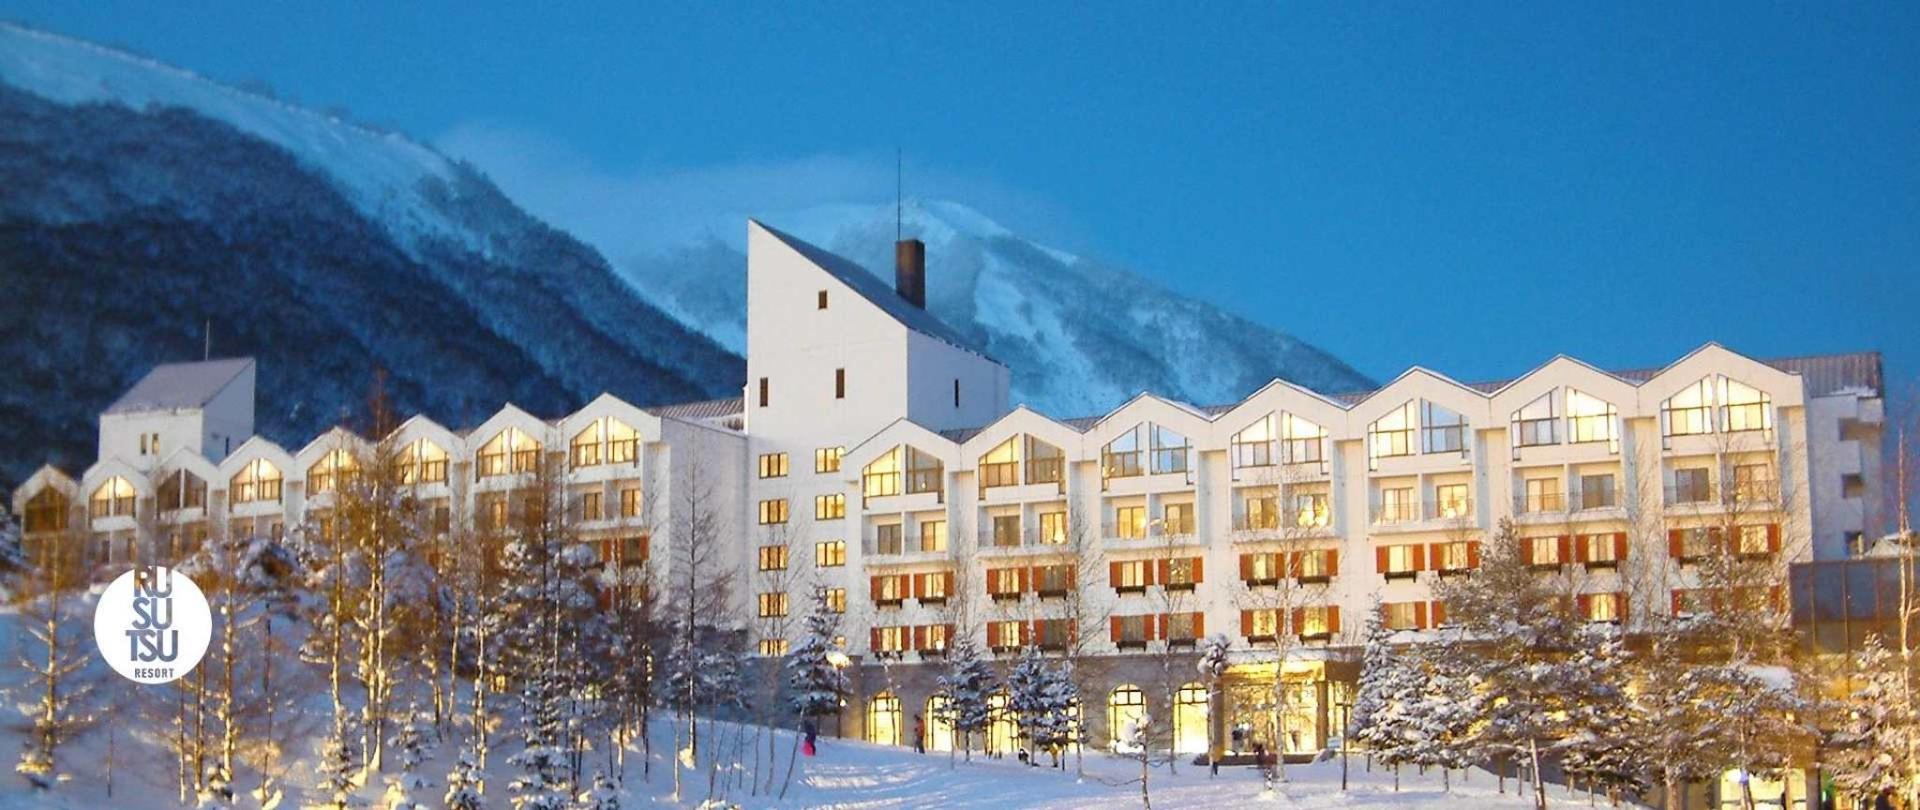 official website] rusutsu resort hotel & convention - rusutsu - japan